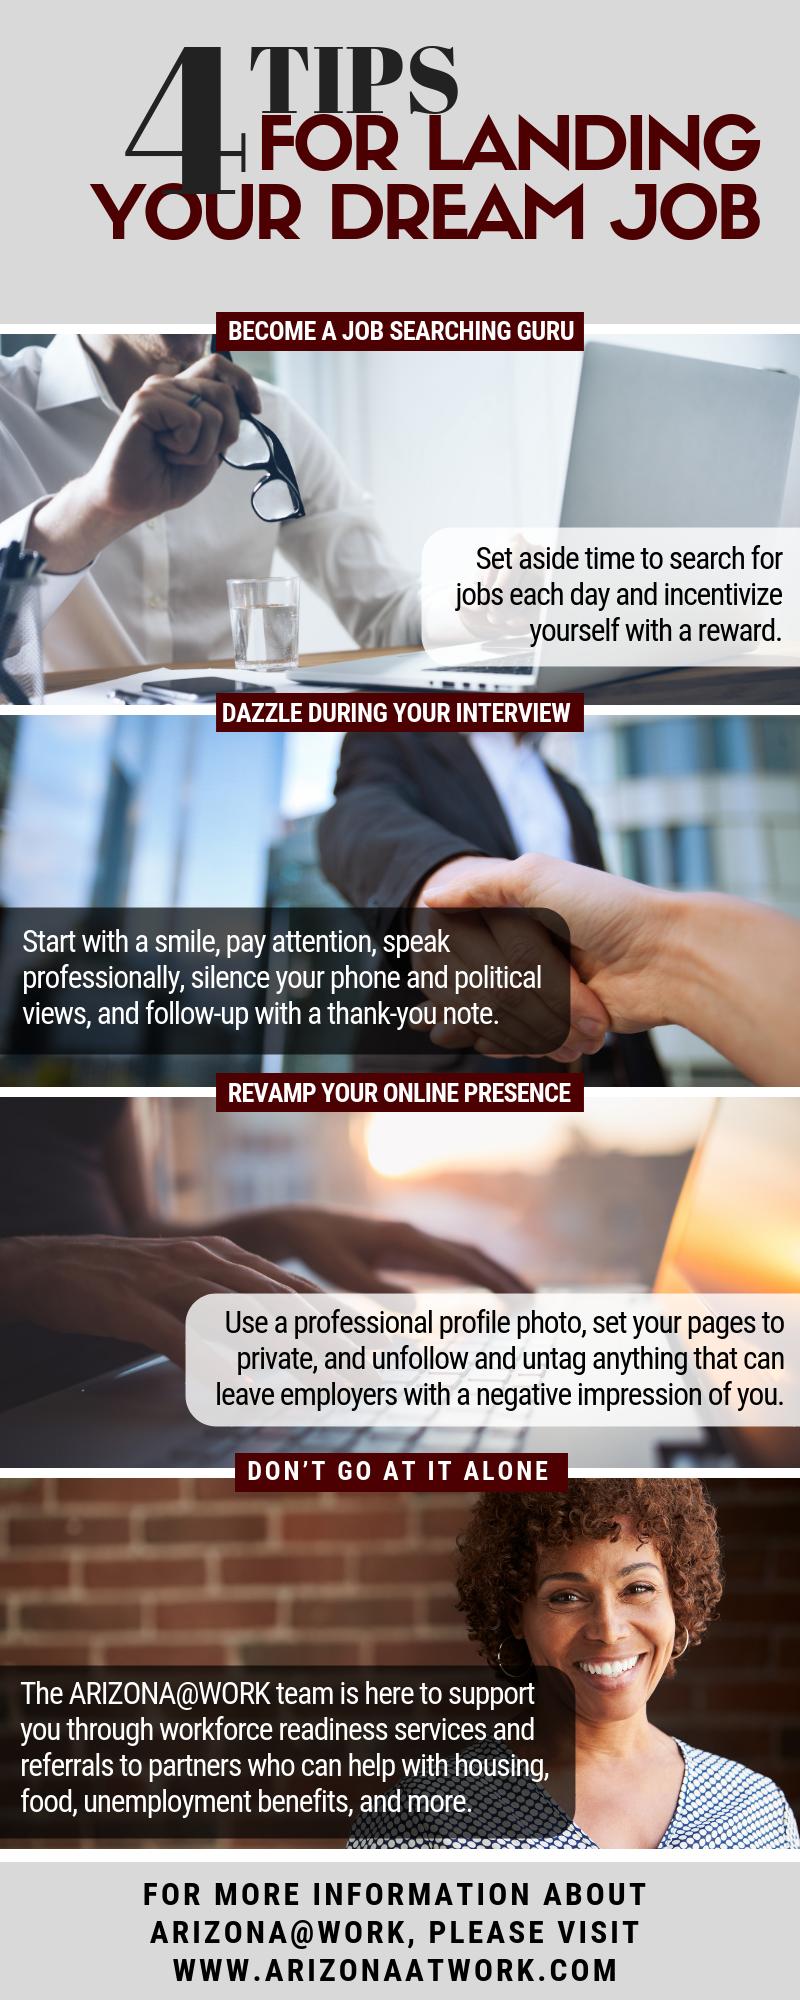 Four Tips for Landing Your Dream Job